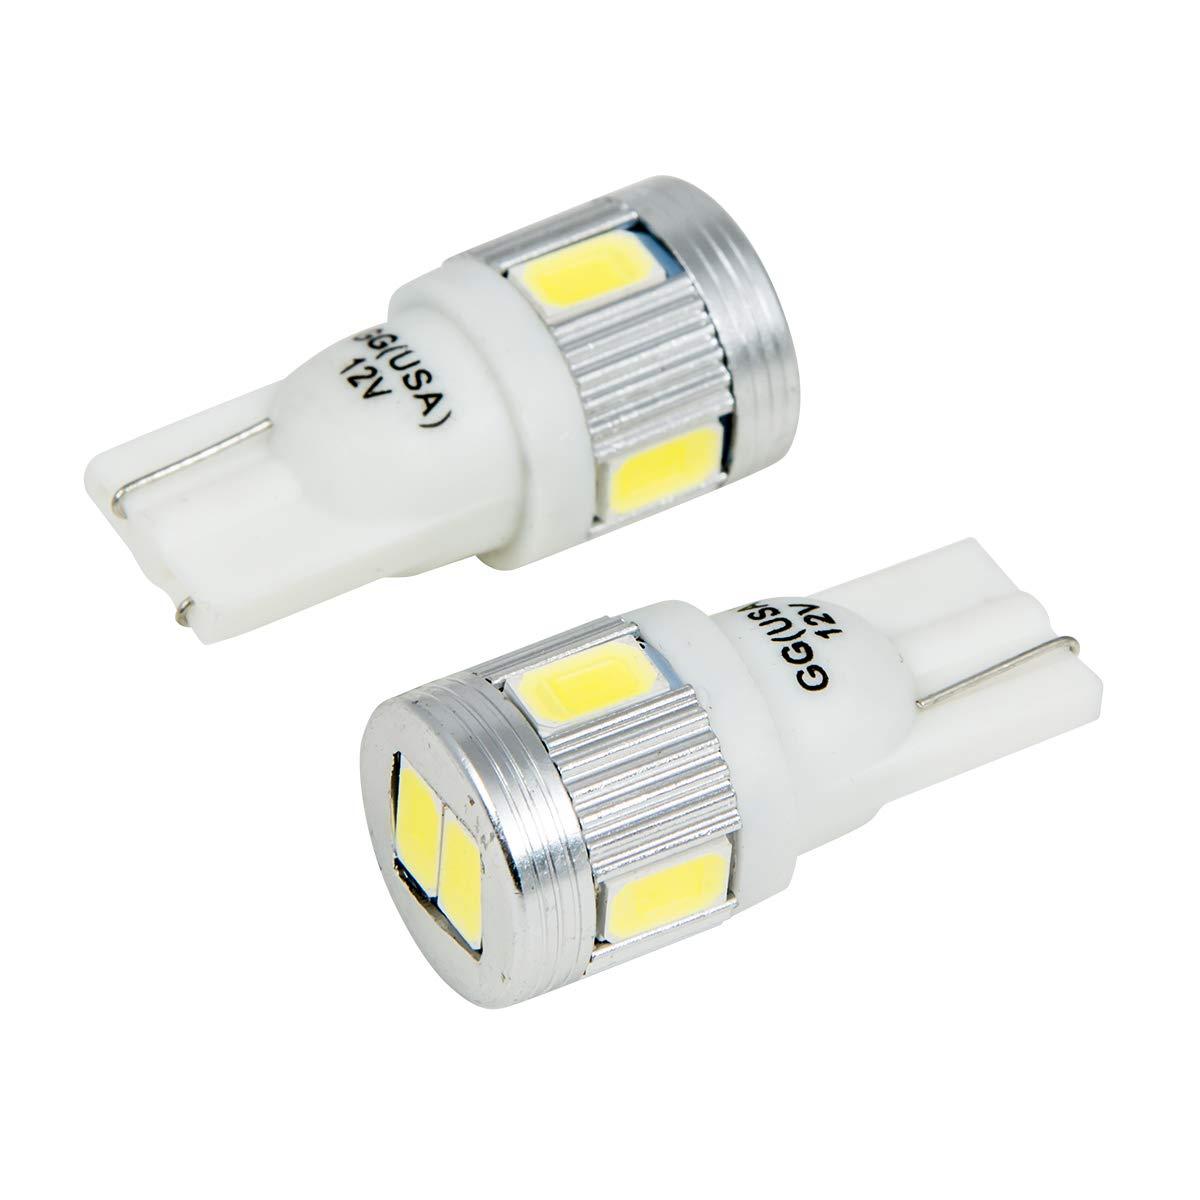 GG Grand General 70604 6 LED 194//168 White 6LED with Heatsink Tower Style, 12V Light Bulb